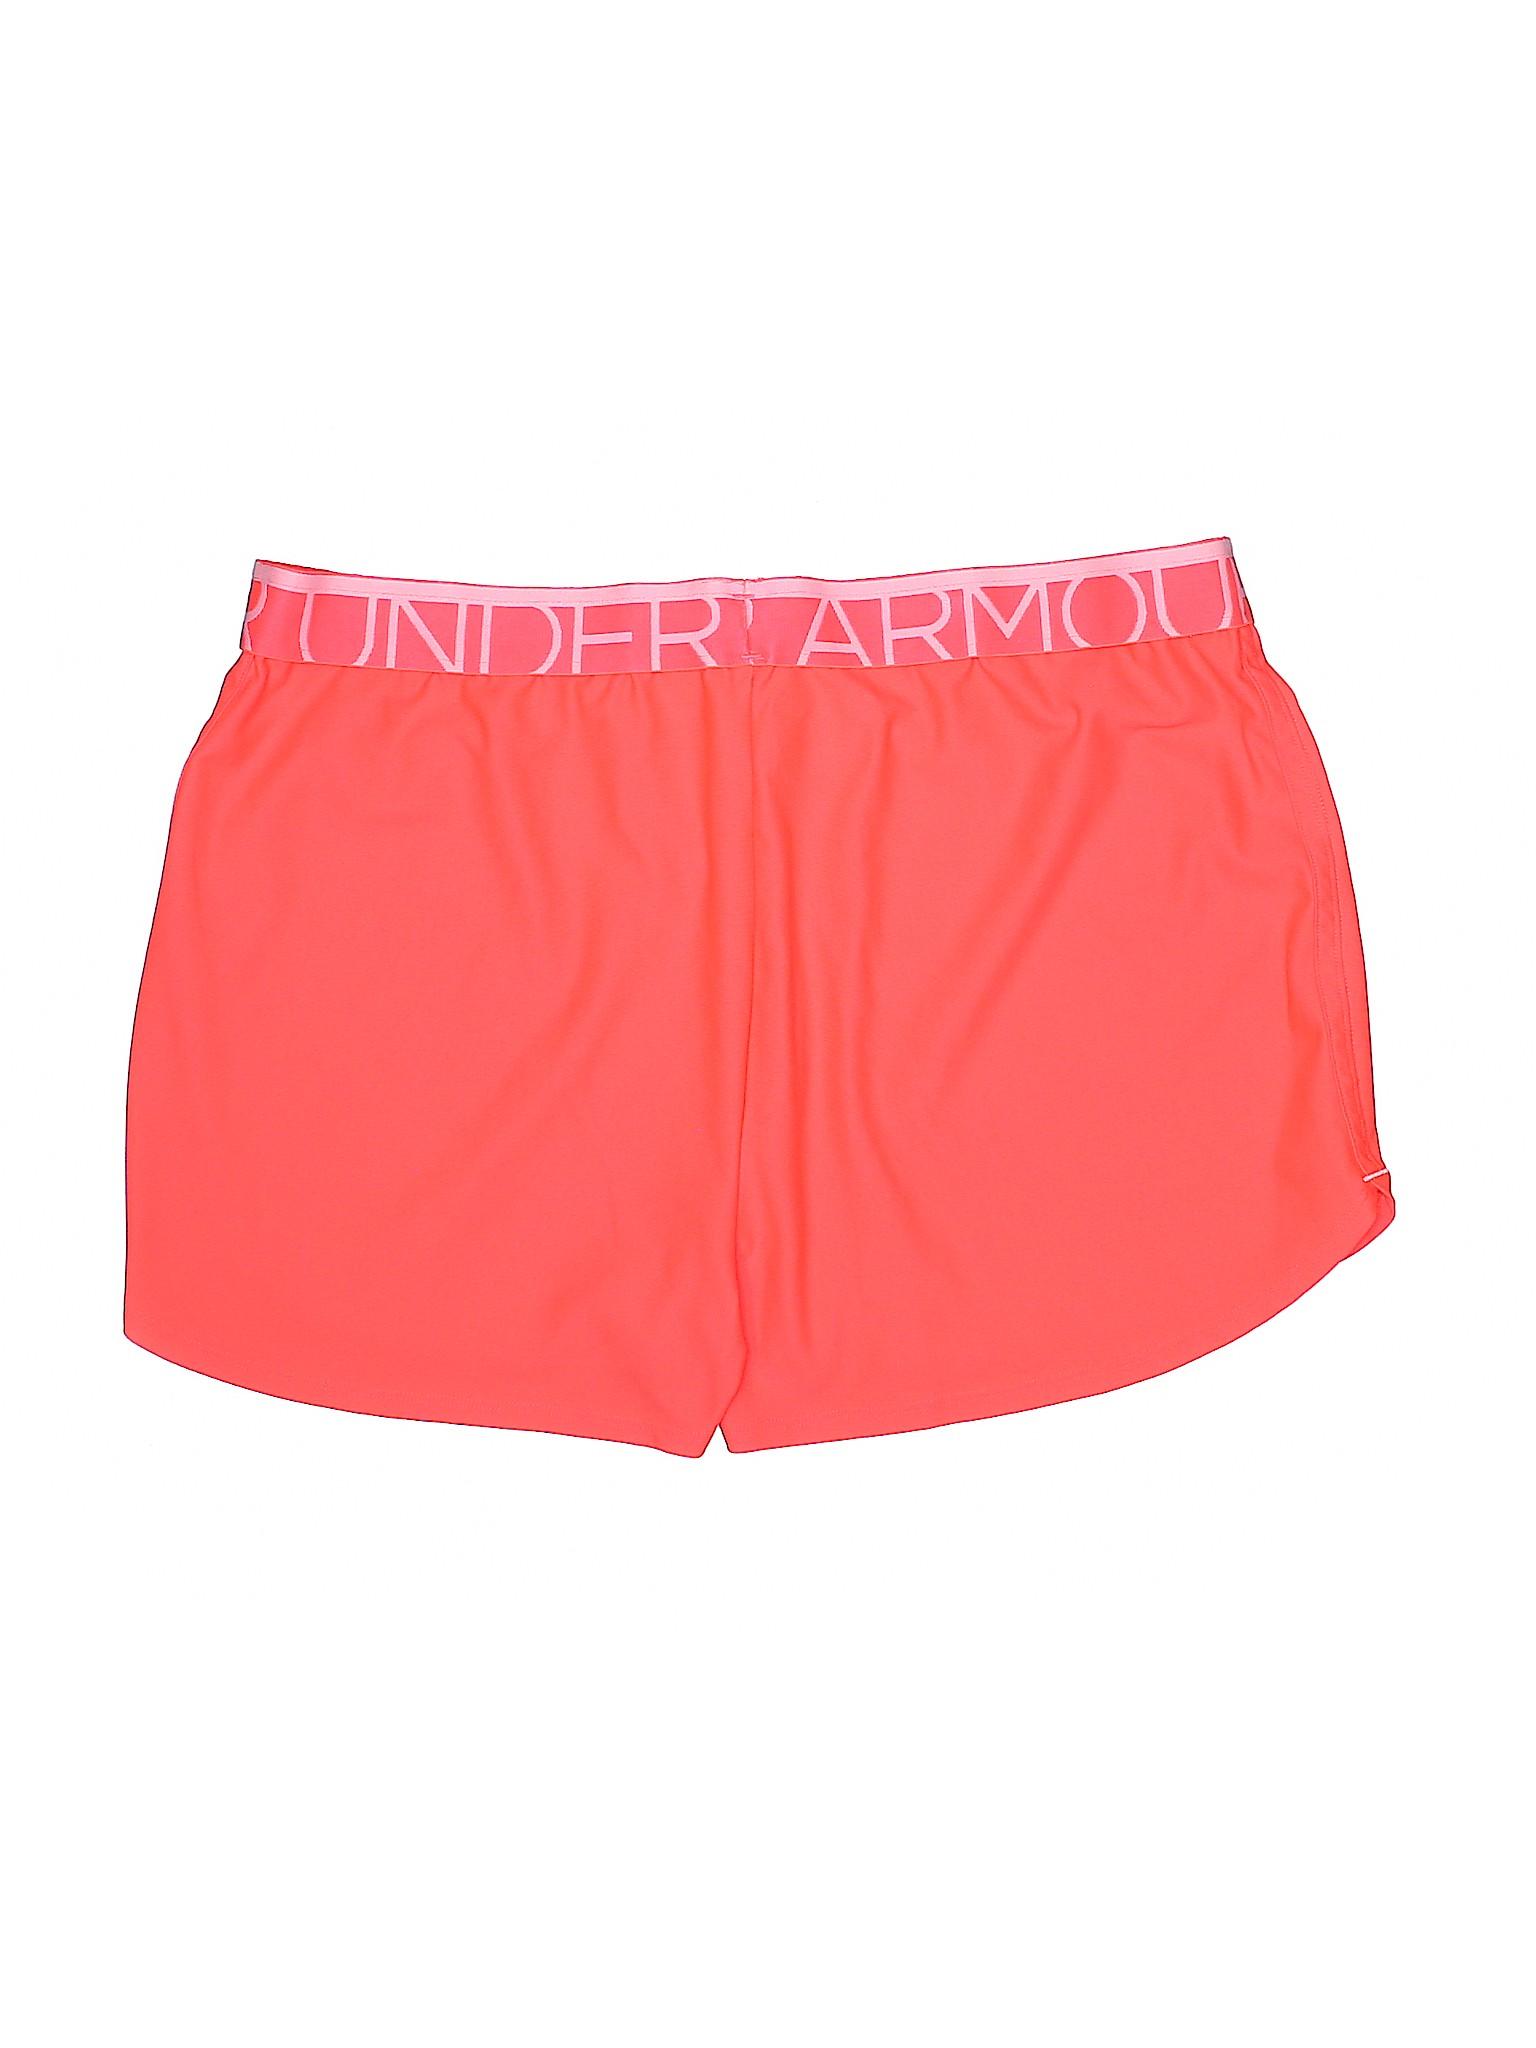 Shorts Armour Athletic Boutique Boutique Under Under 0nwqXFTt0